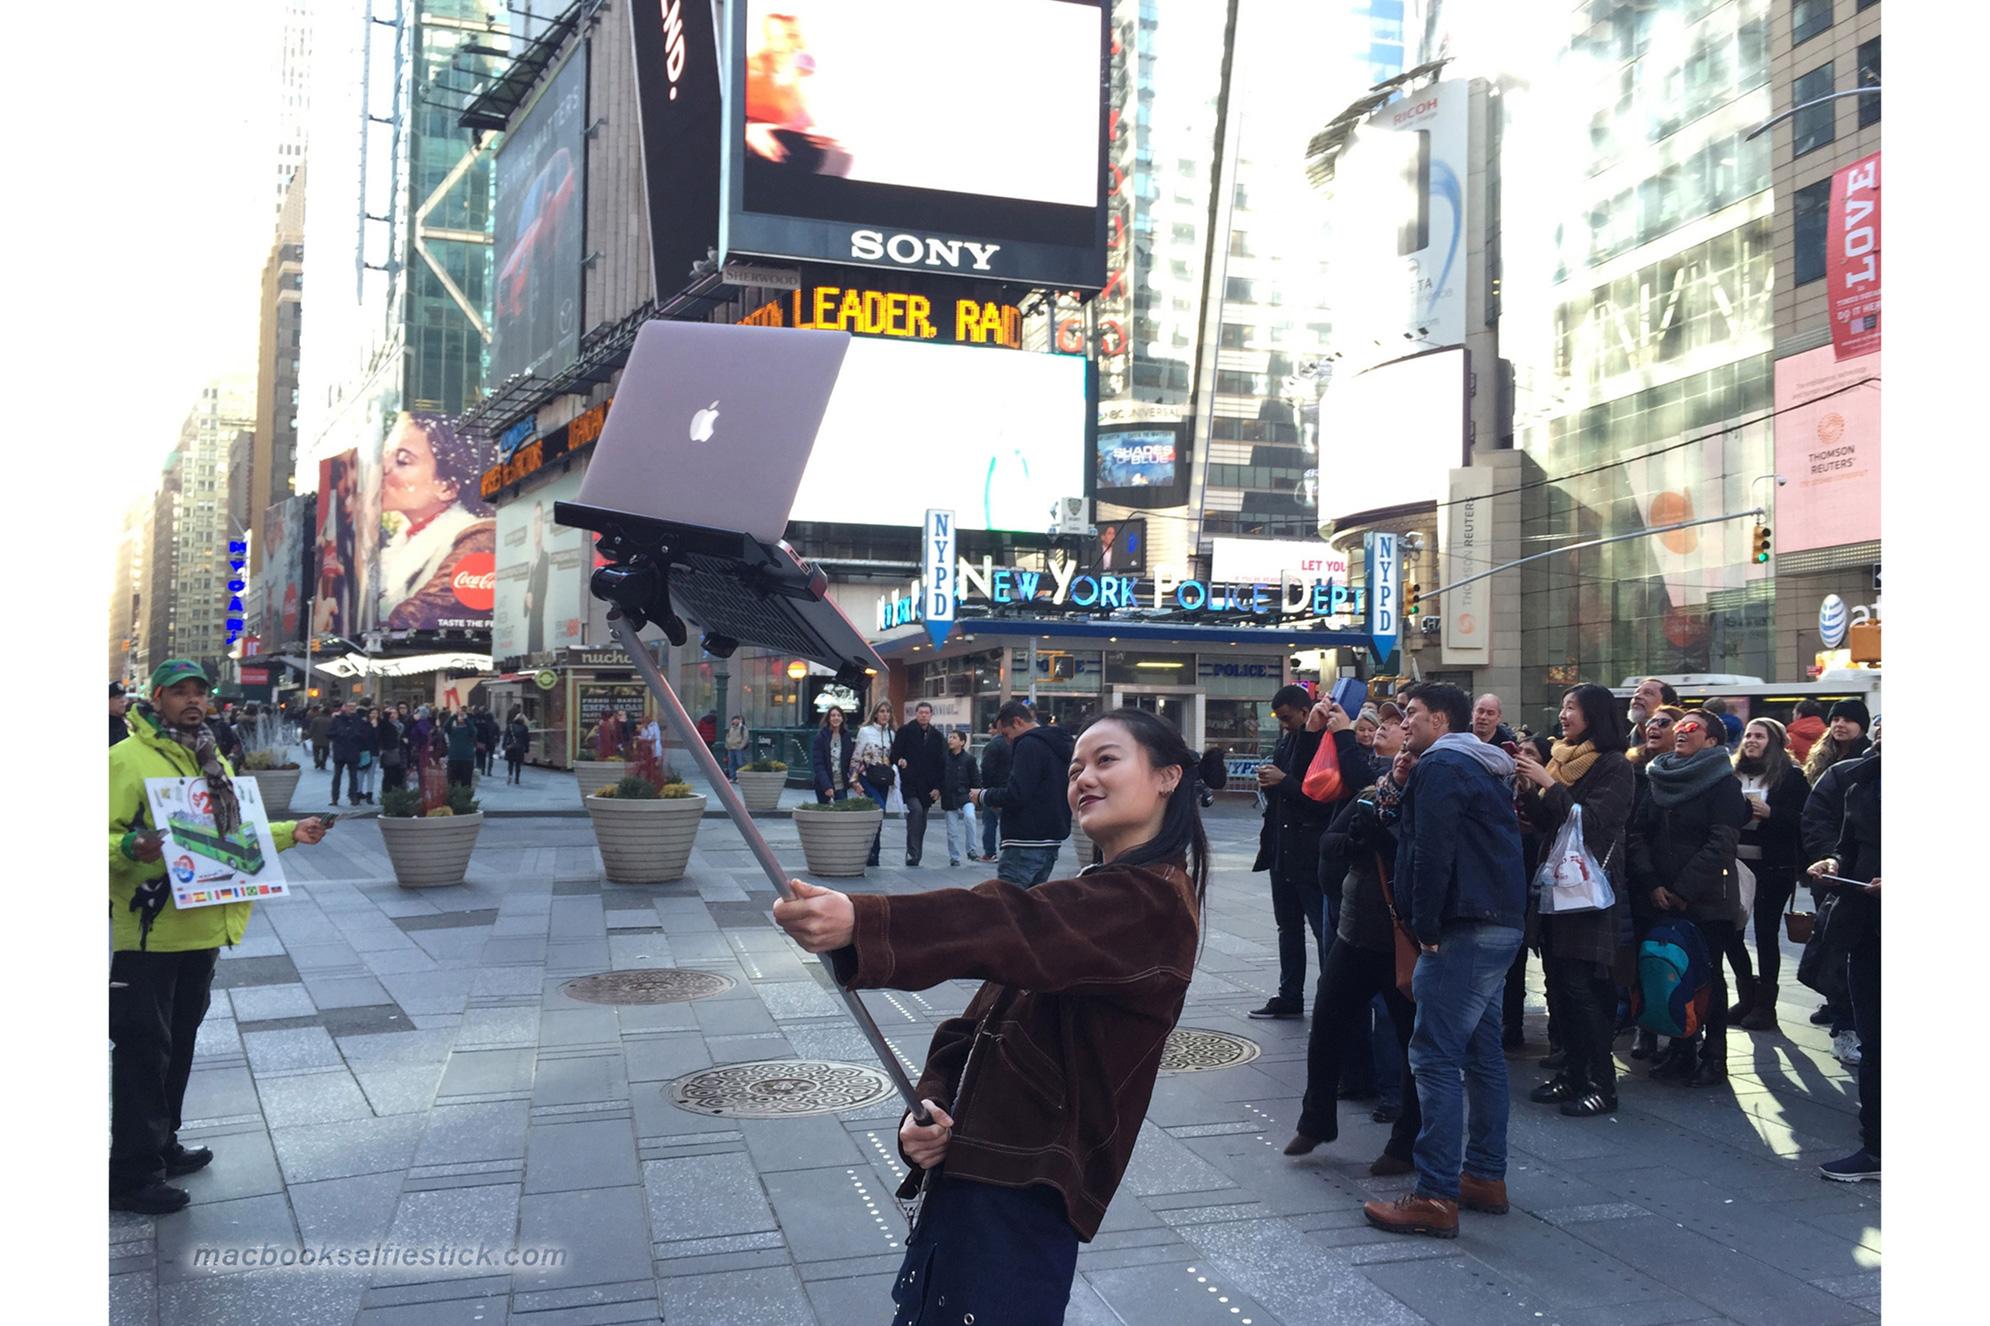 MacBook Selfie Stick 12